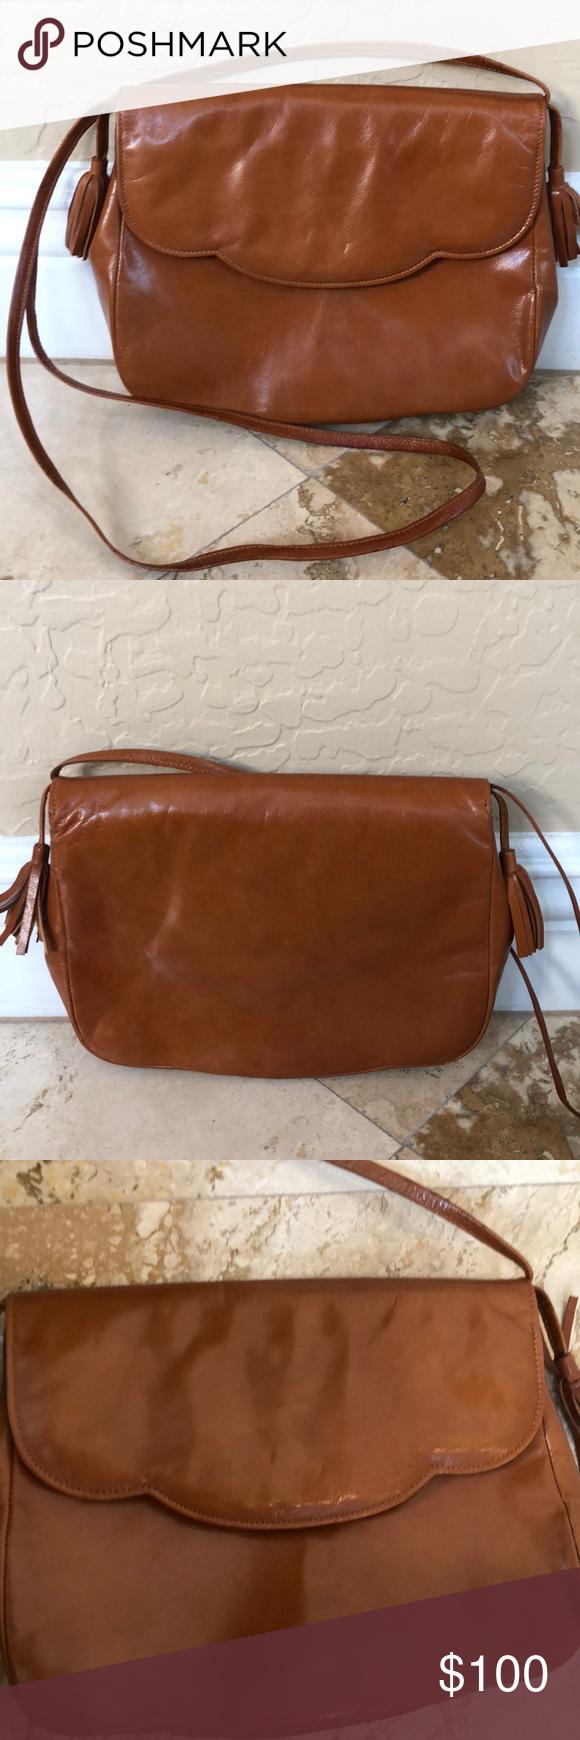 Vintage Charles Jourdan Handbag From Spain Vintage Charles Jourdan Things To Sell